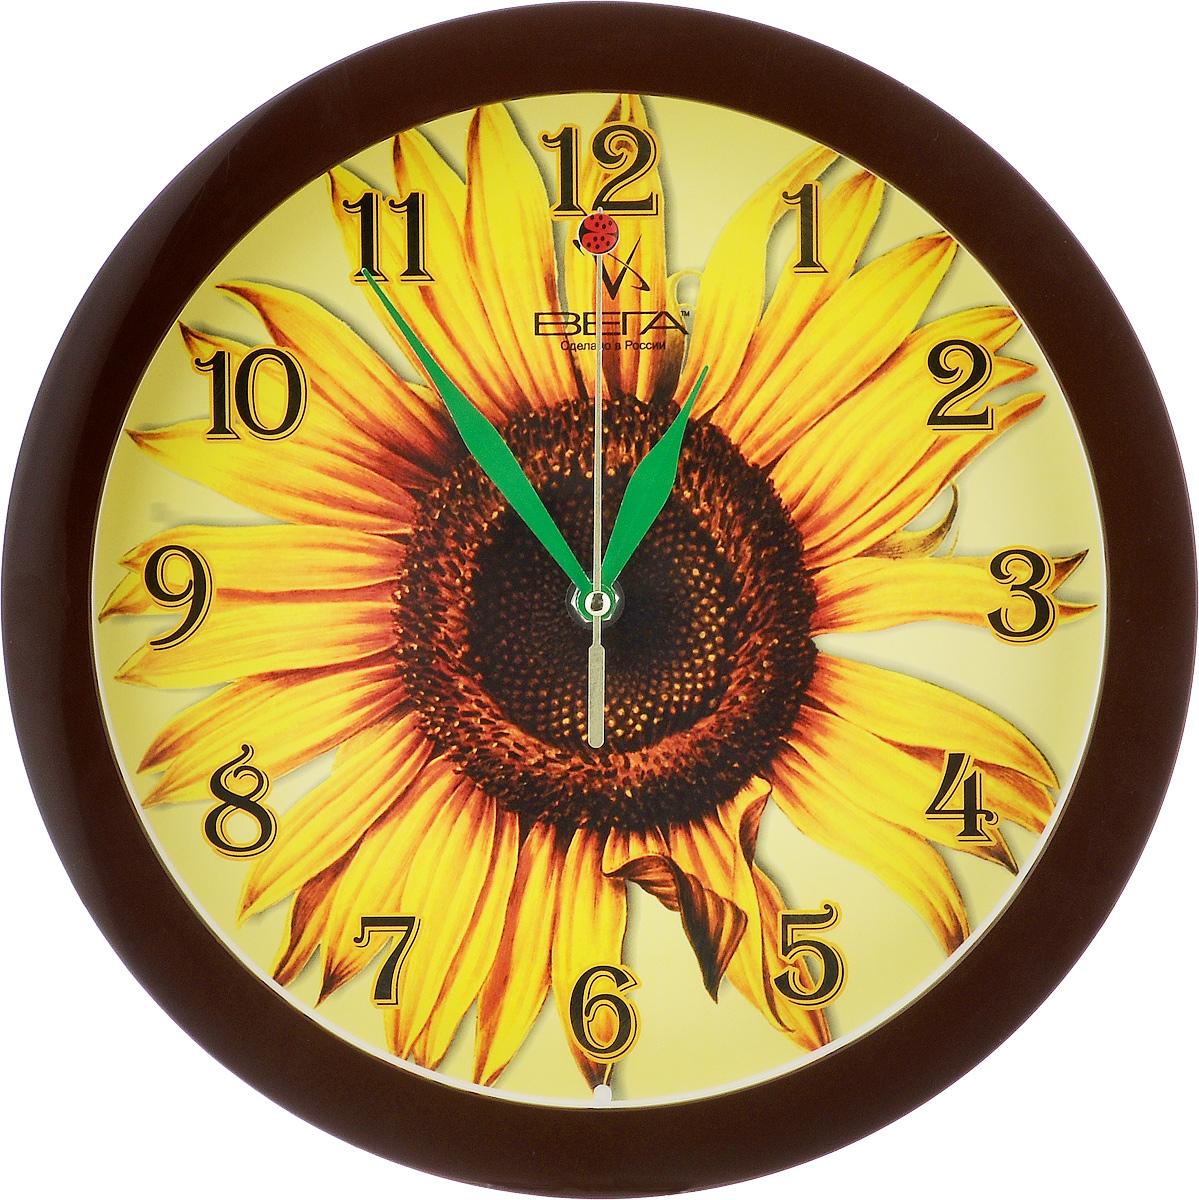 Часы настенные Вега Подсолнух, диаметр 28,5 смП1-9/7-15Настенные кварцевые часы Вега Подсолнух, изготовленные из пластика, прекрасно впишутся в интерьервашего дома. Круглые часы имеют три стрелки: часовую,минутную и секундную, циферблат защищен прозрачным стеклом.Часы работают от 1 батарейки типа АА напряжением 1,5 В (не входит в комплект).Диаметр часов: 28,5 см.